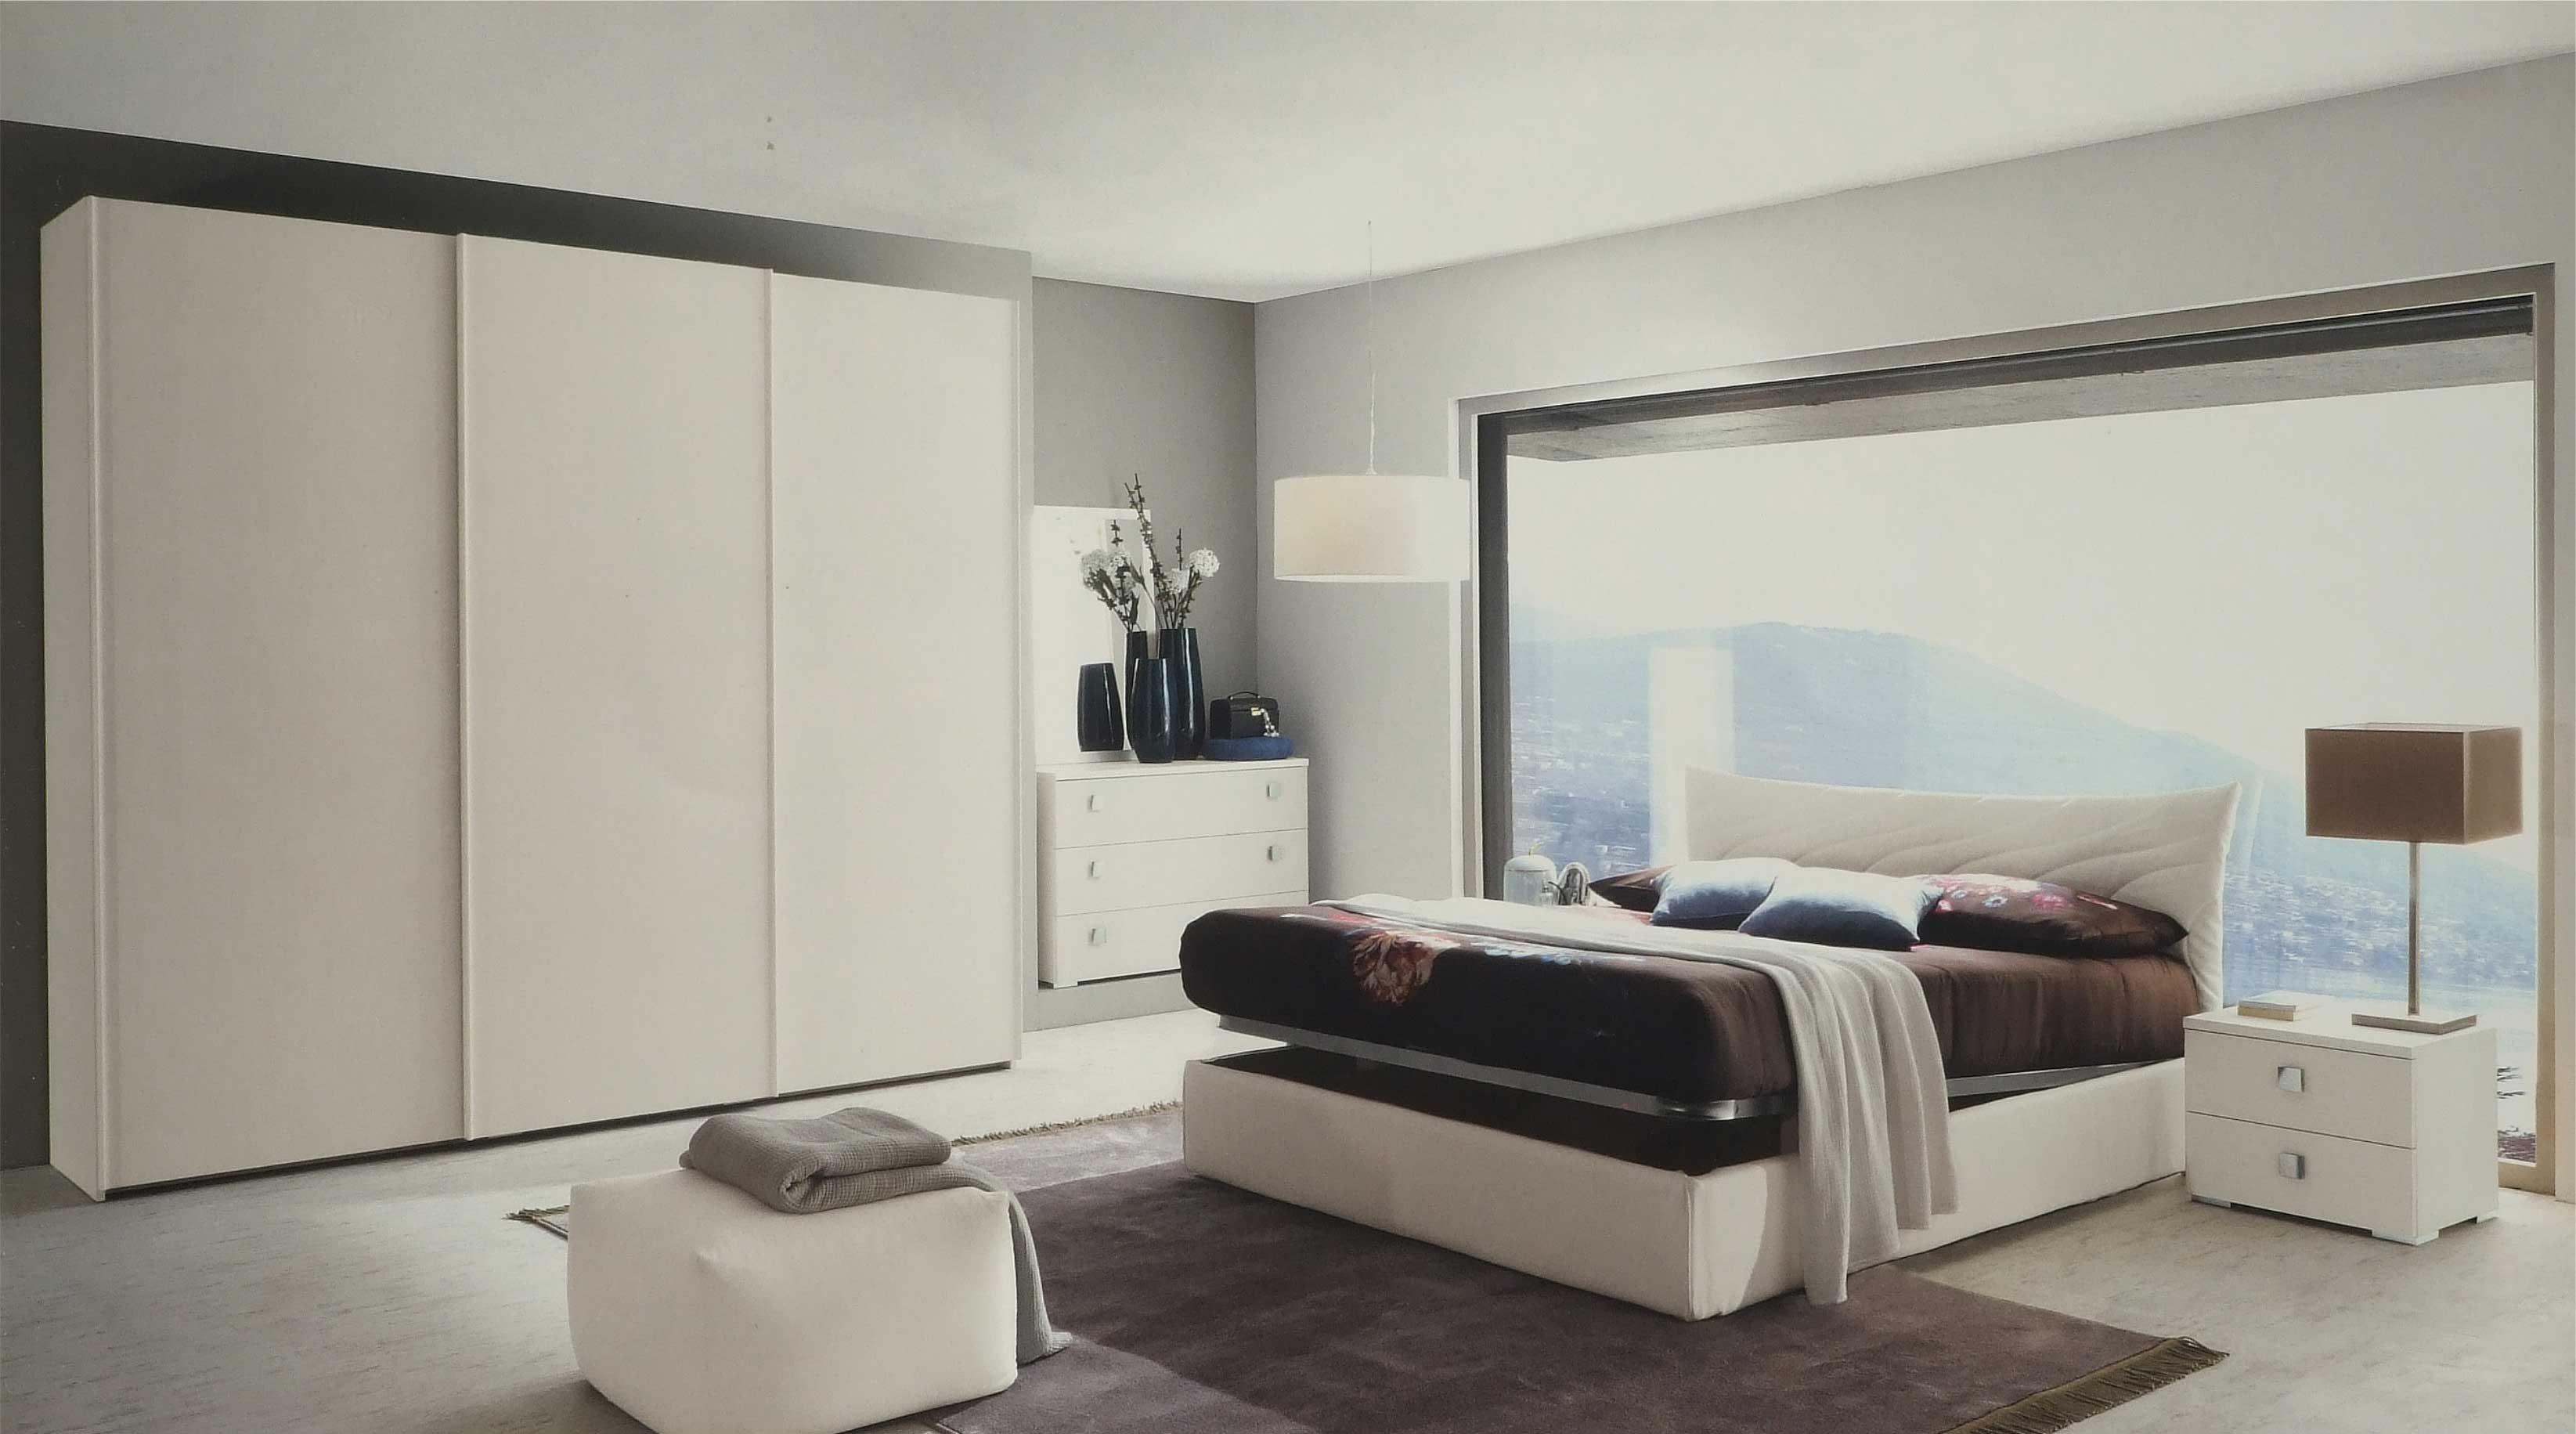 Camera matrimoniale completa con letto contenitore for Camera matrimoniale completa prezzi